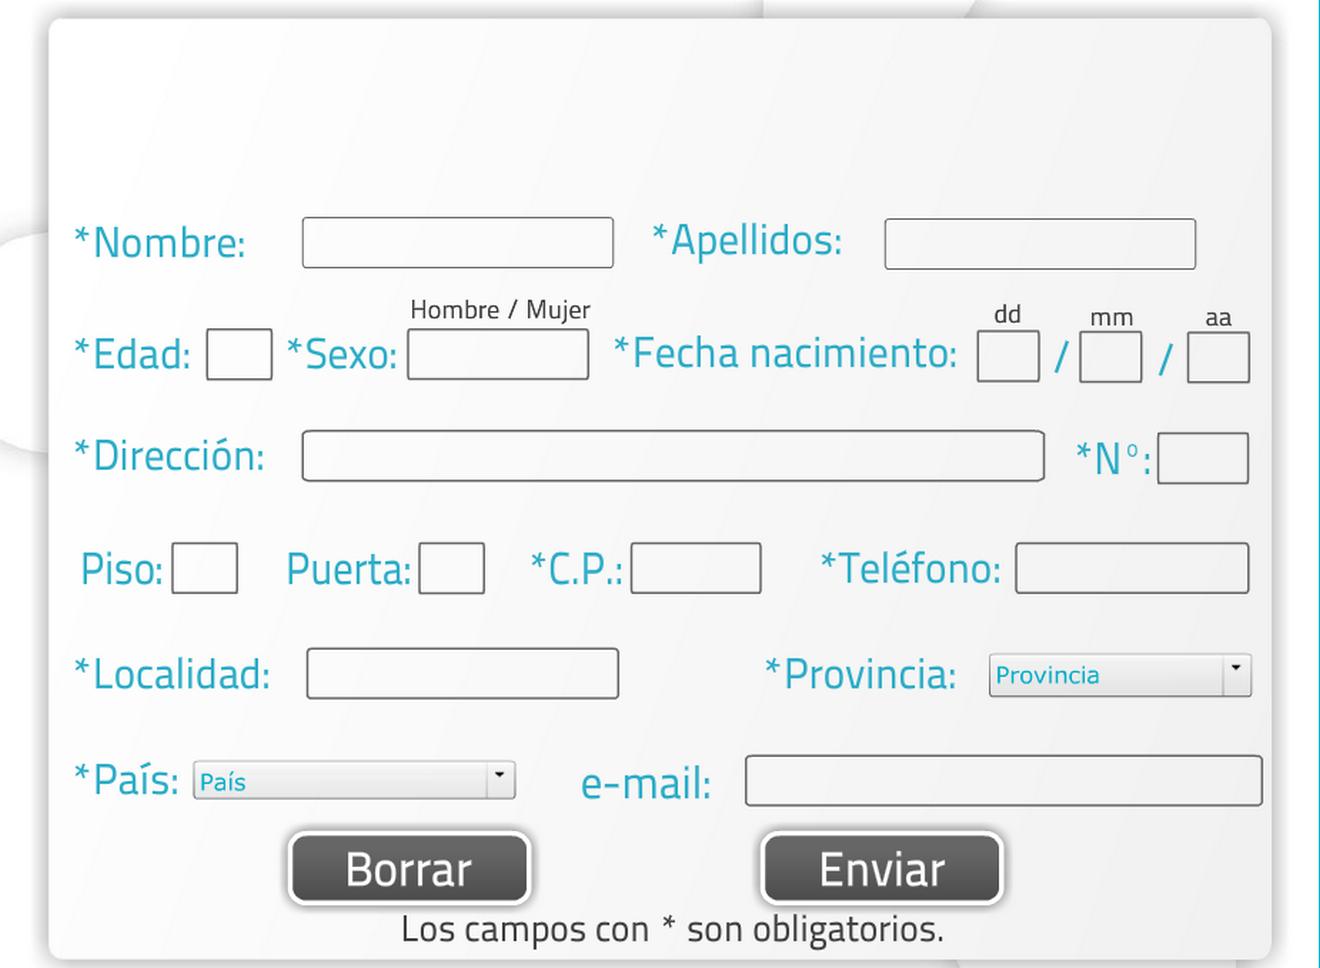 ejercicio de neuorrehabilitación para realizar un formulario de datos personales